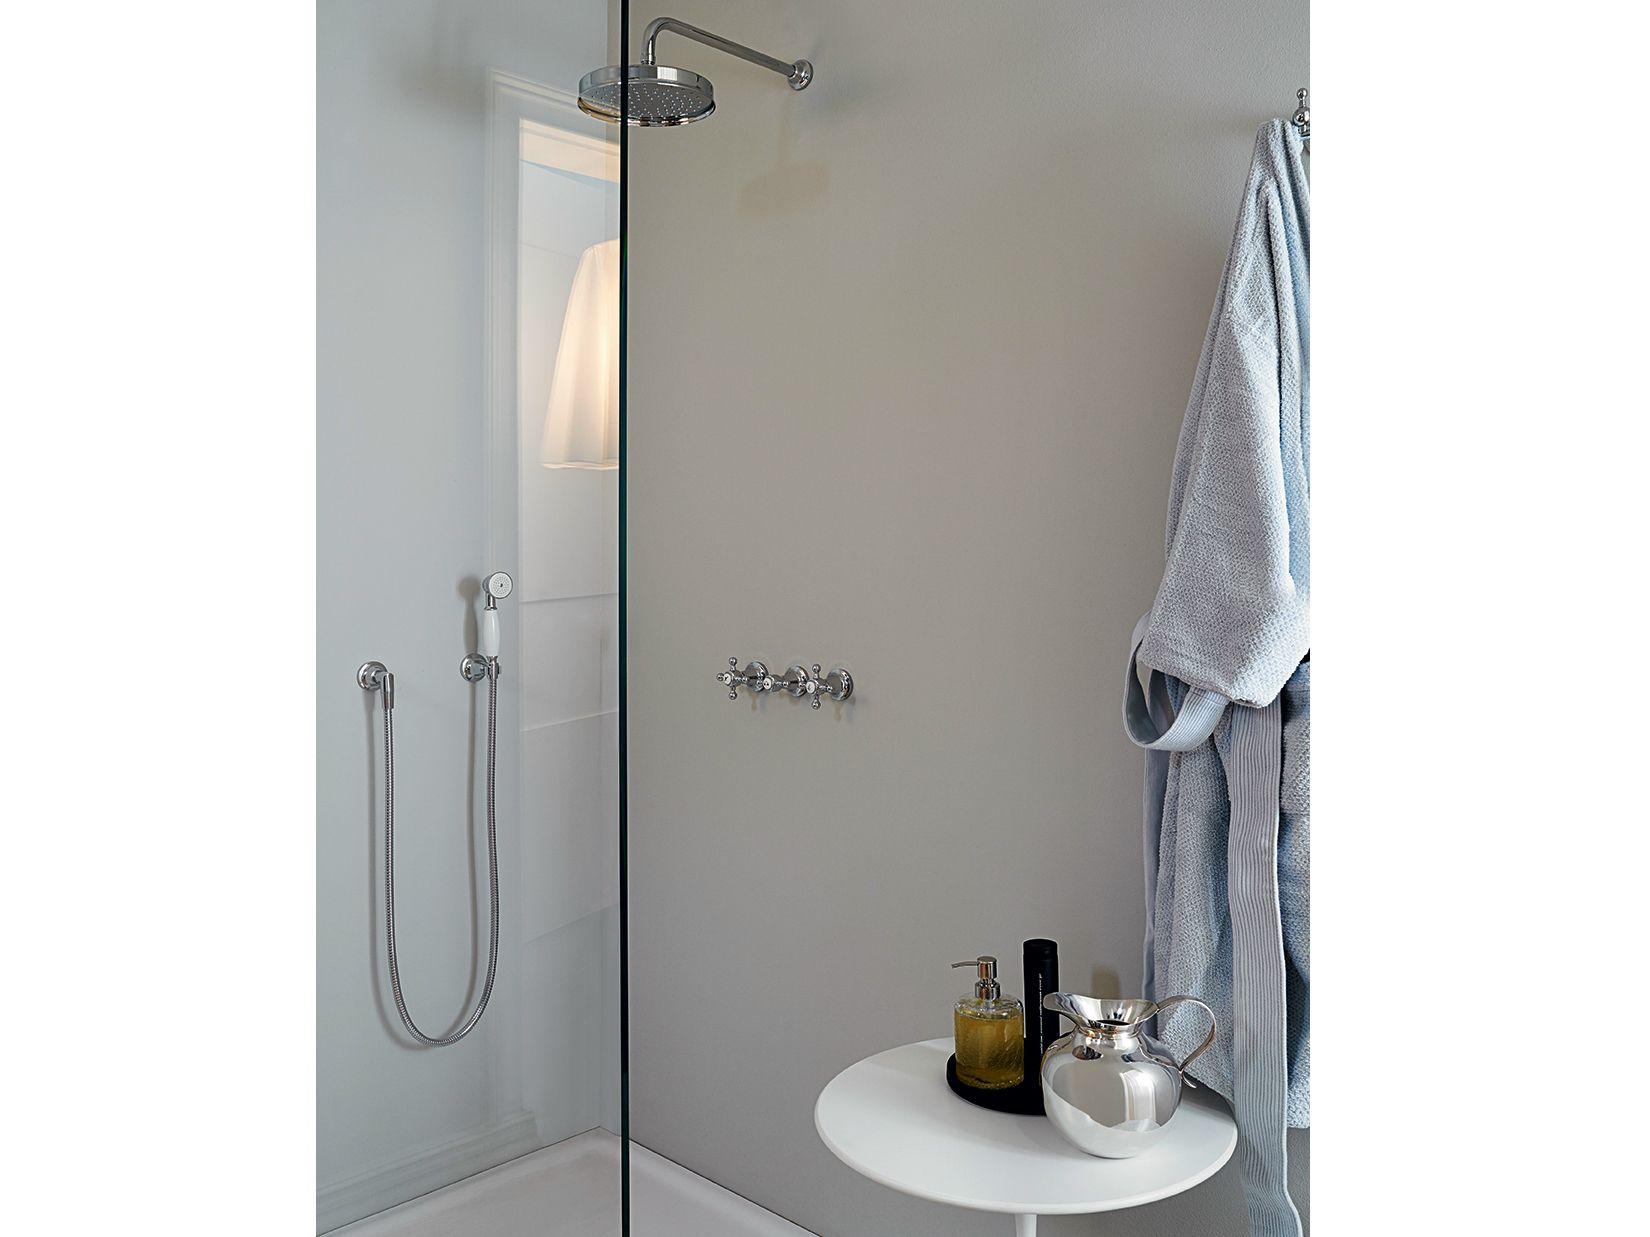 Agor grifo para ducha con ducha de mano by zucchetti - Grifo para ducha ...